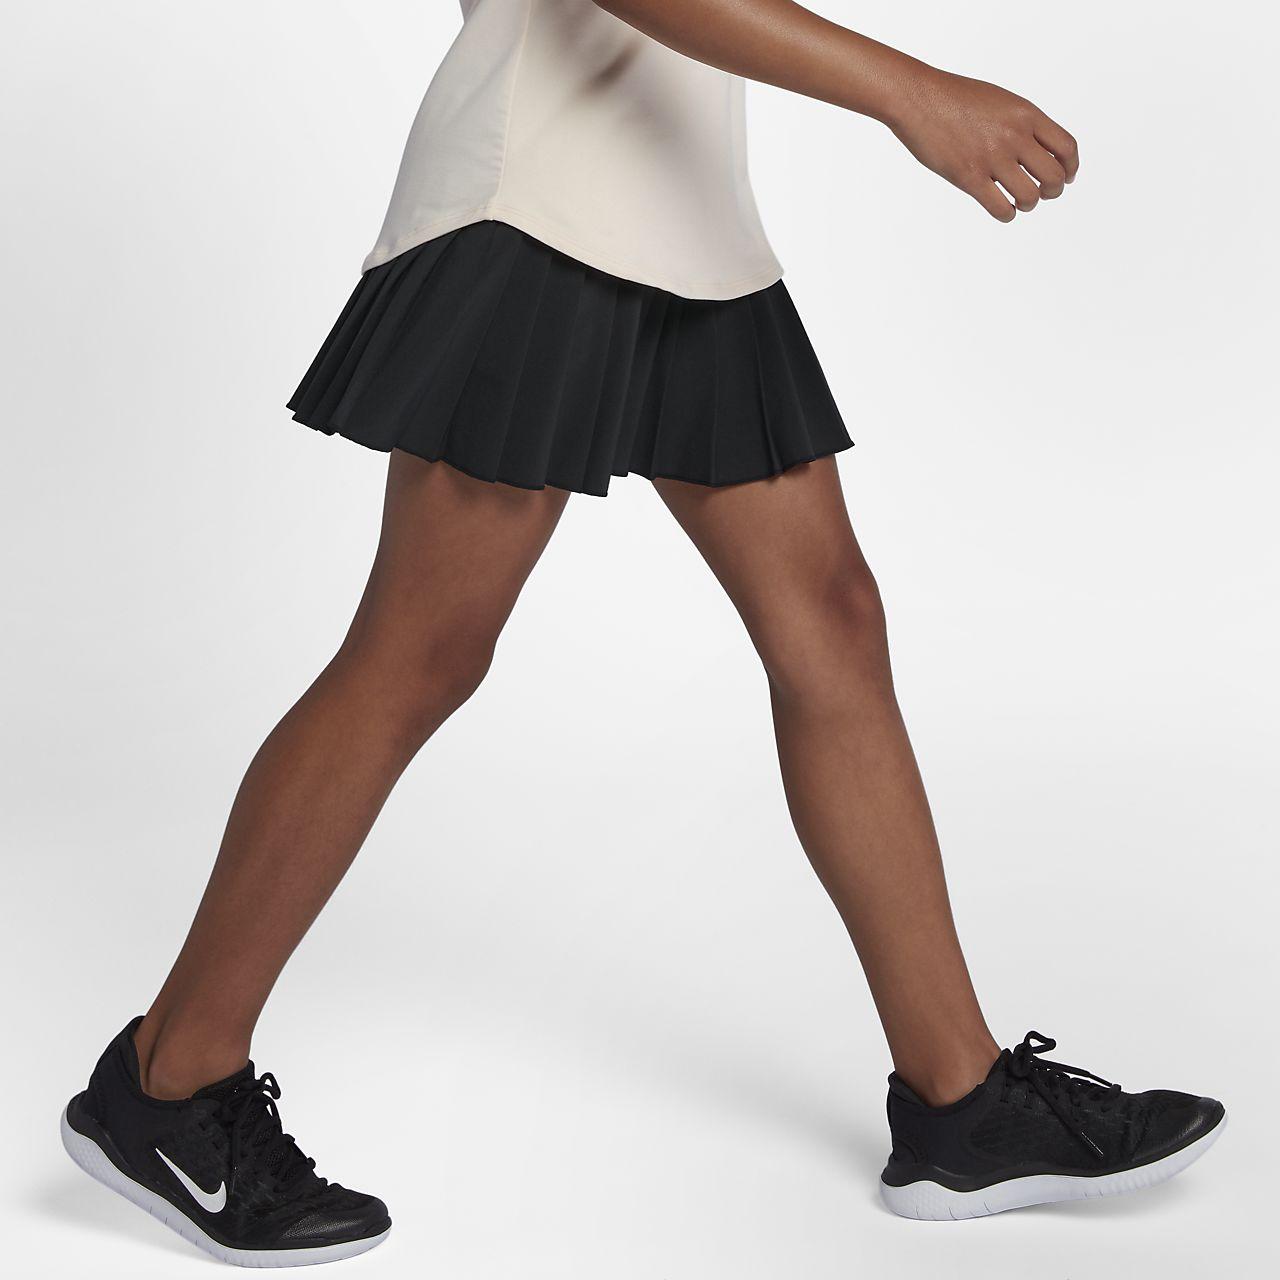 Pour Fille Plus Tennis Victory Âgée Nikecourt Jupe De mN80wOvn